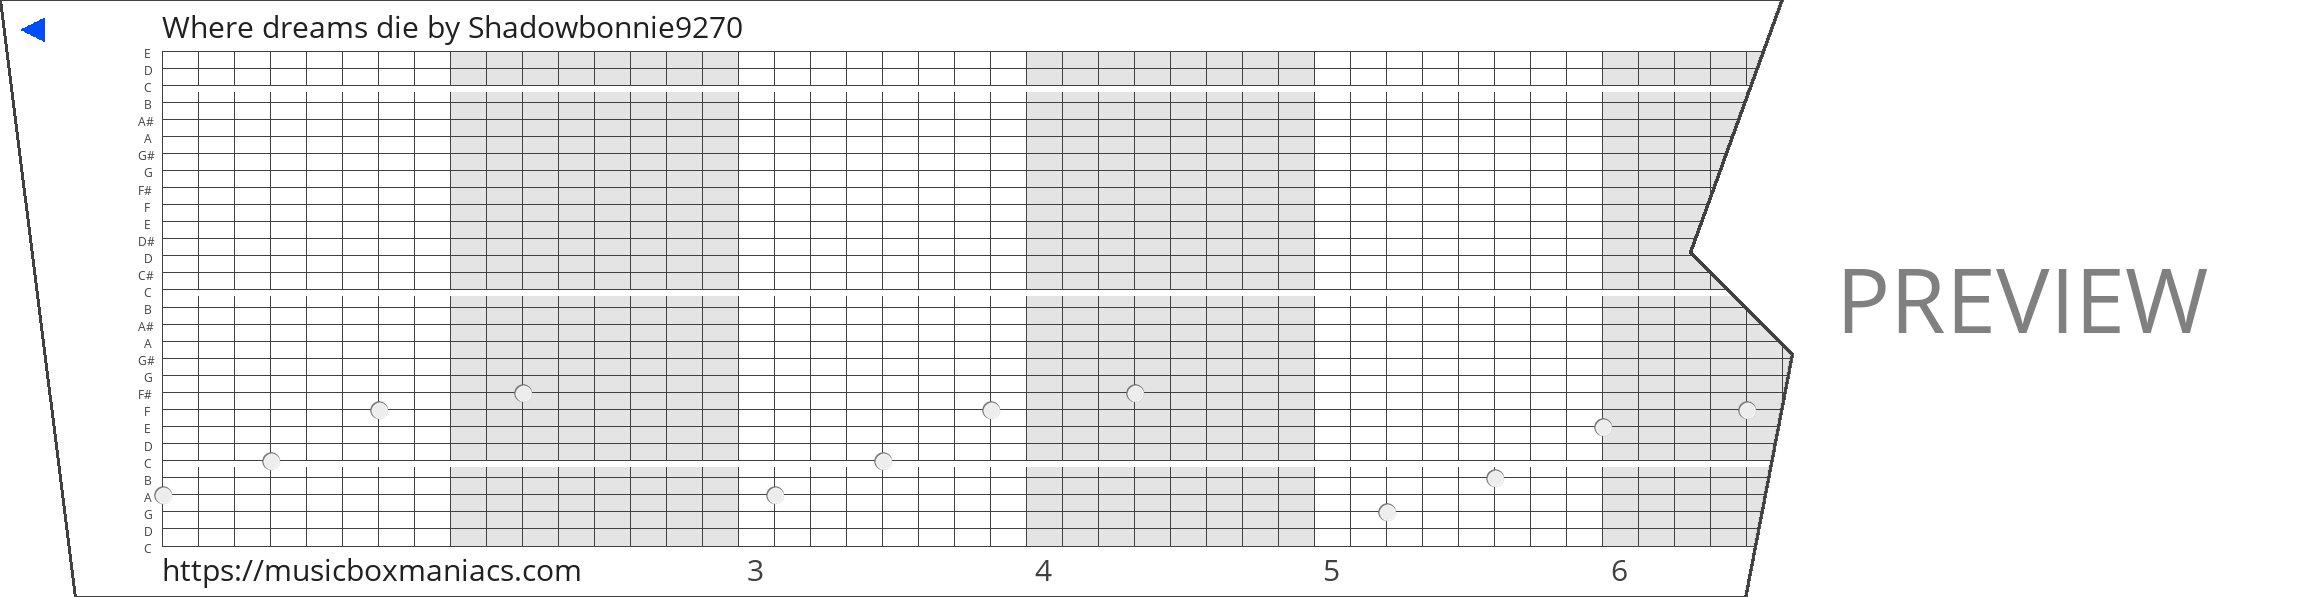 Where dreams die 30 note music box paper strip